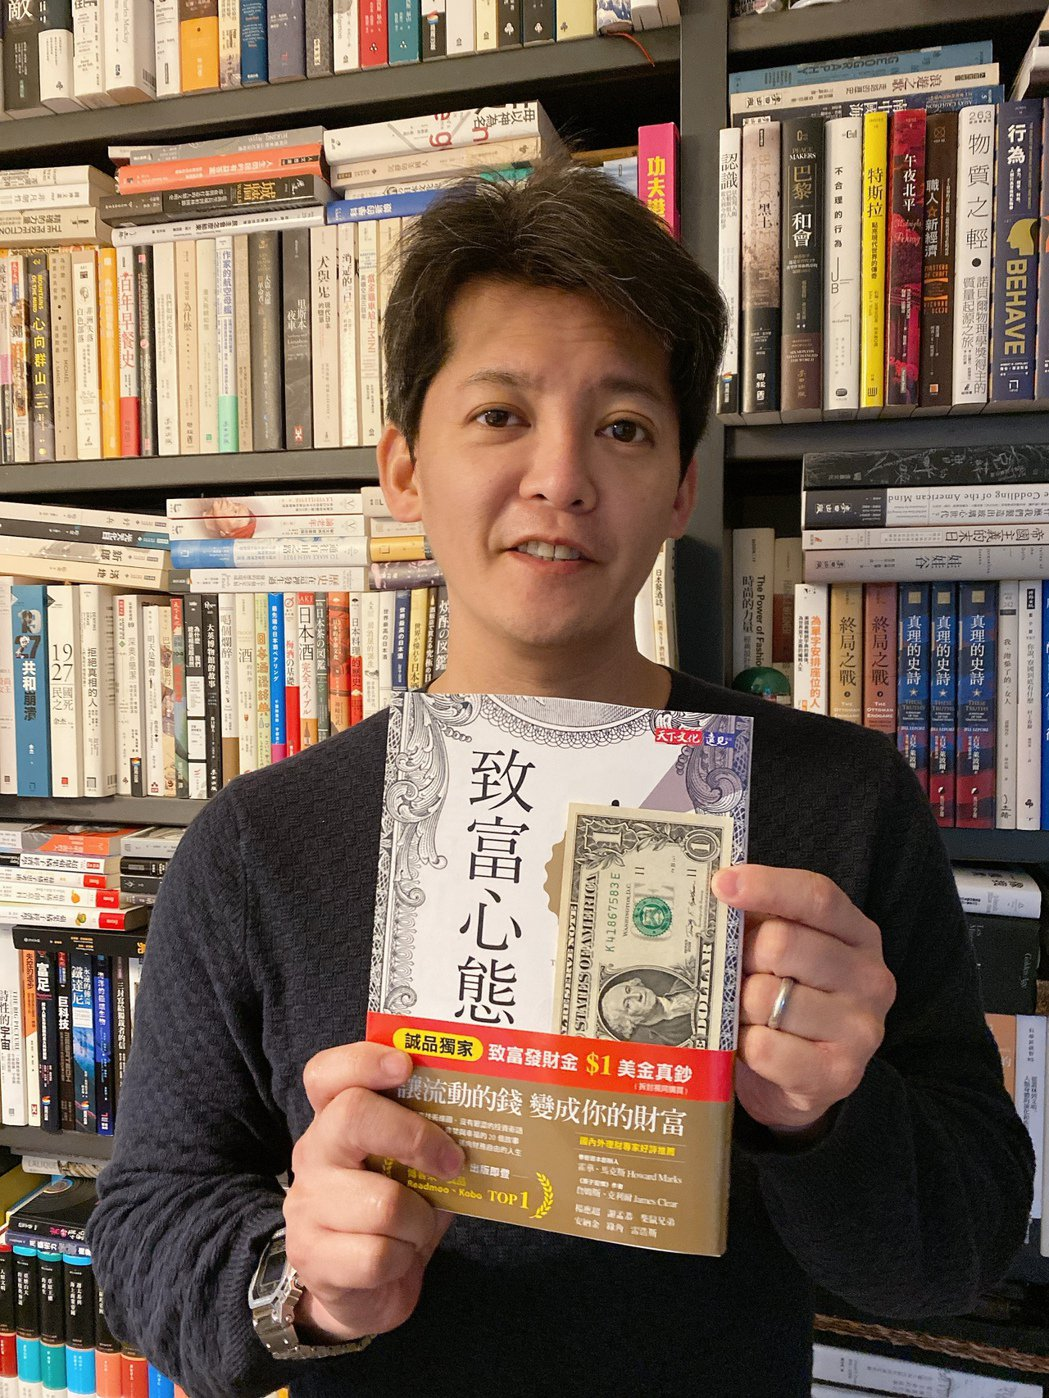 謝哲青推出理財書「致富心態」。圖/天下文化提供